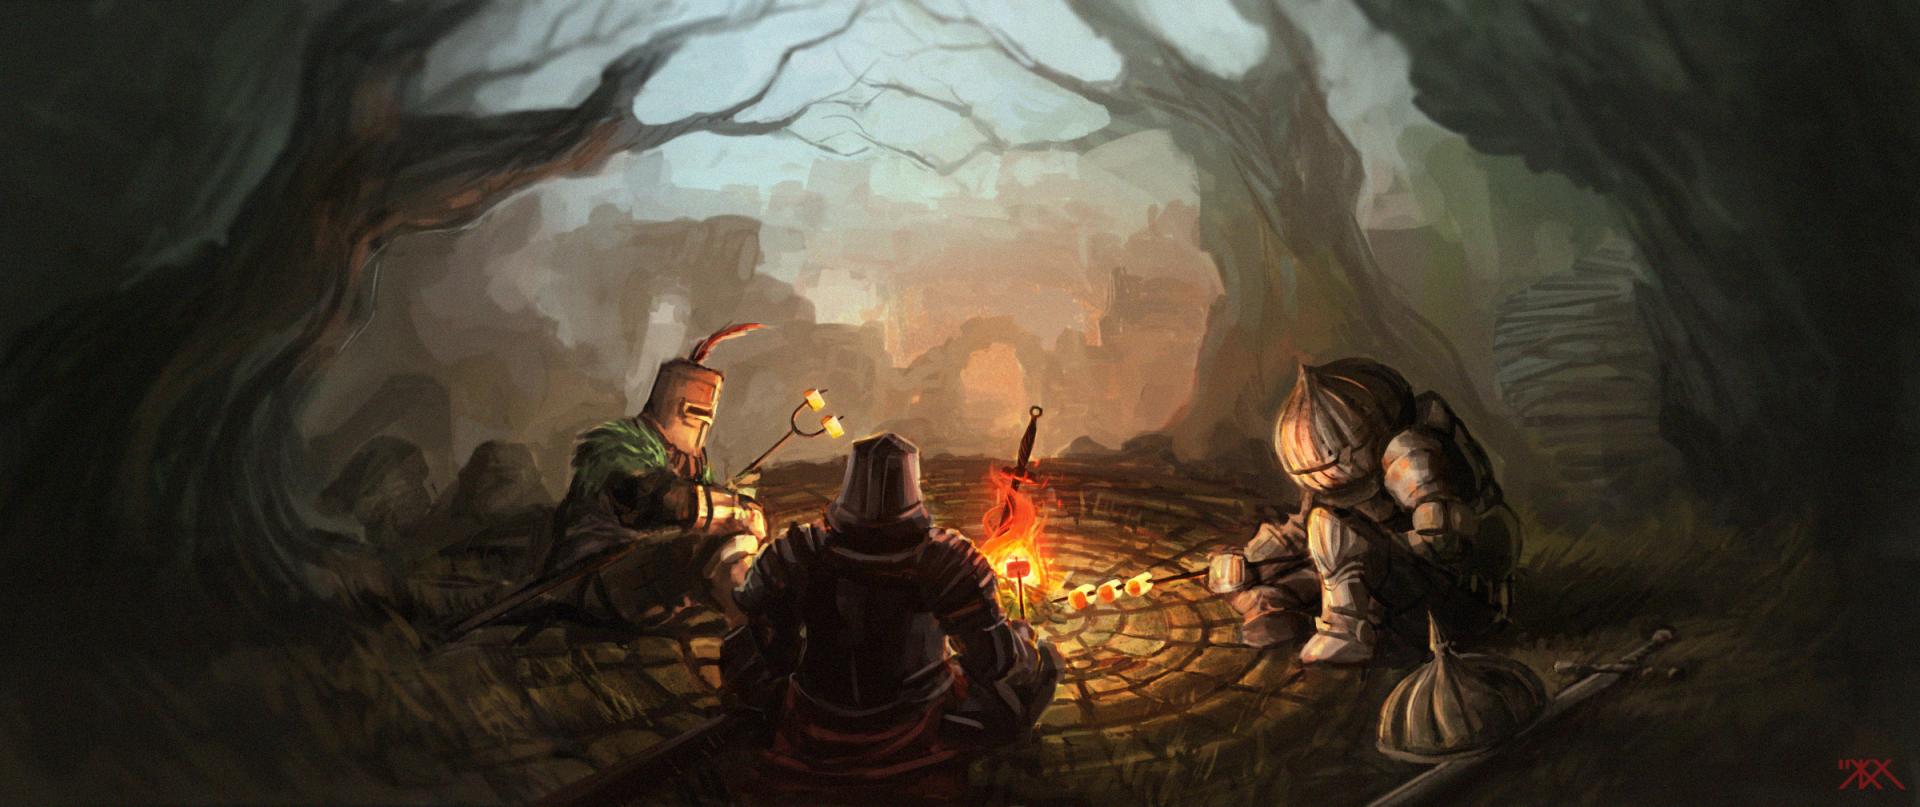 Video Game Dark Souls Wallpaper Jogos Tela